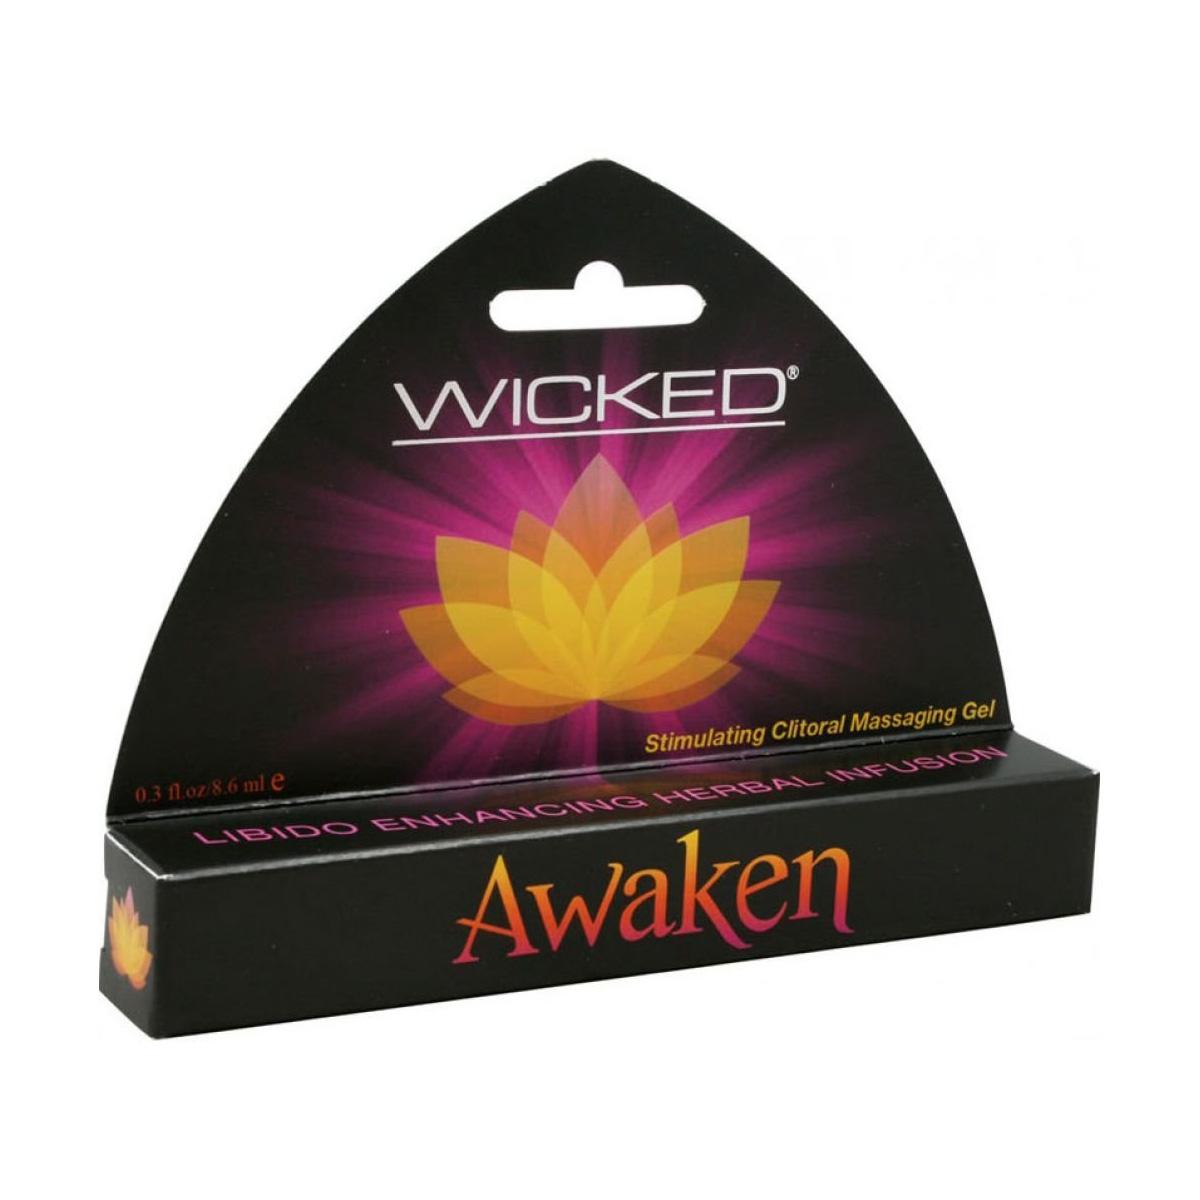 Wicked Awaken Stimulating Clitoral Massage Gel 713079908053